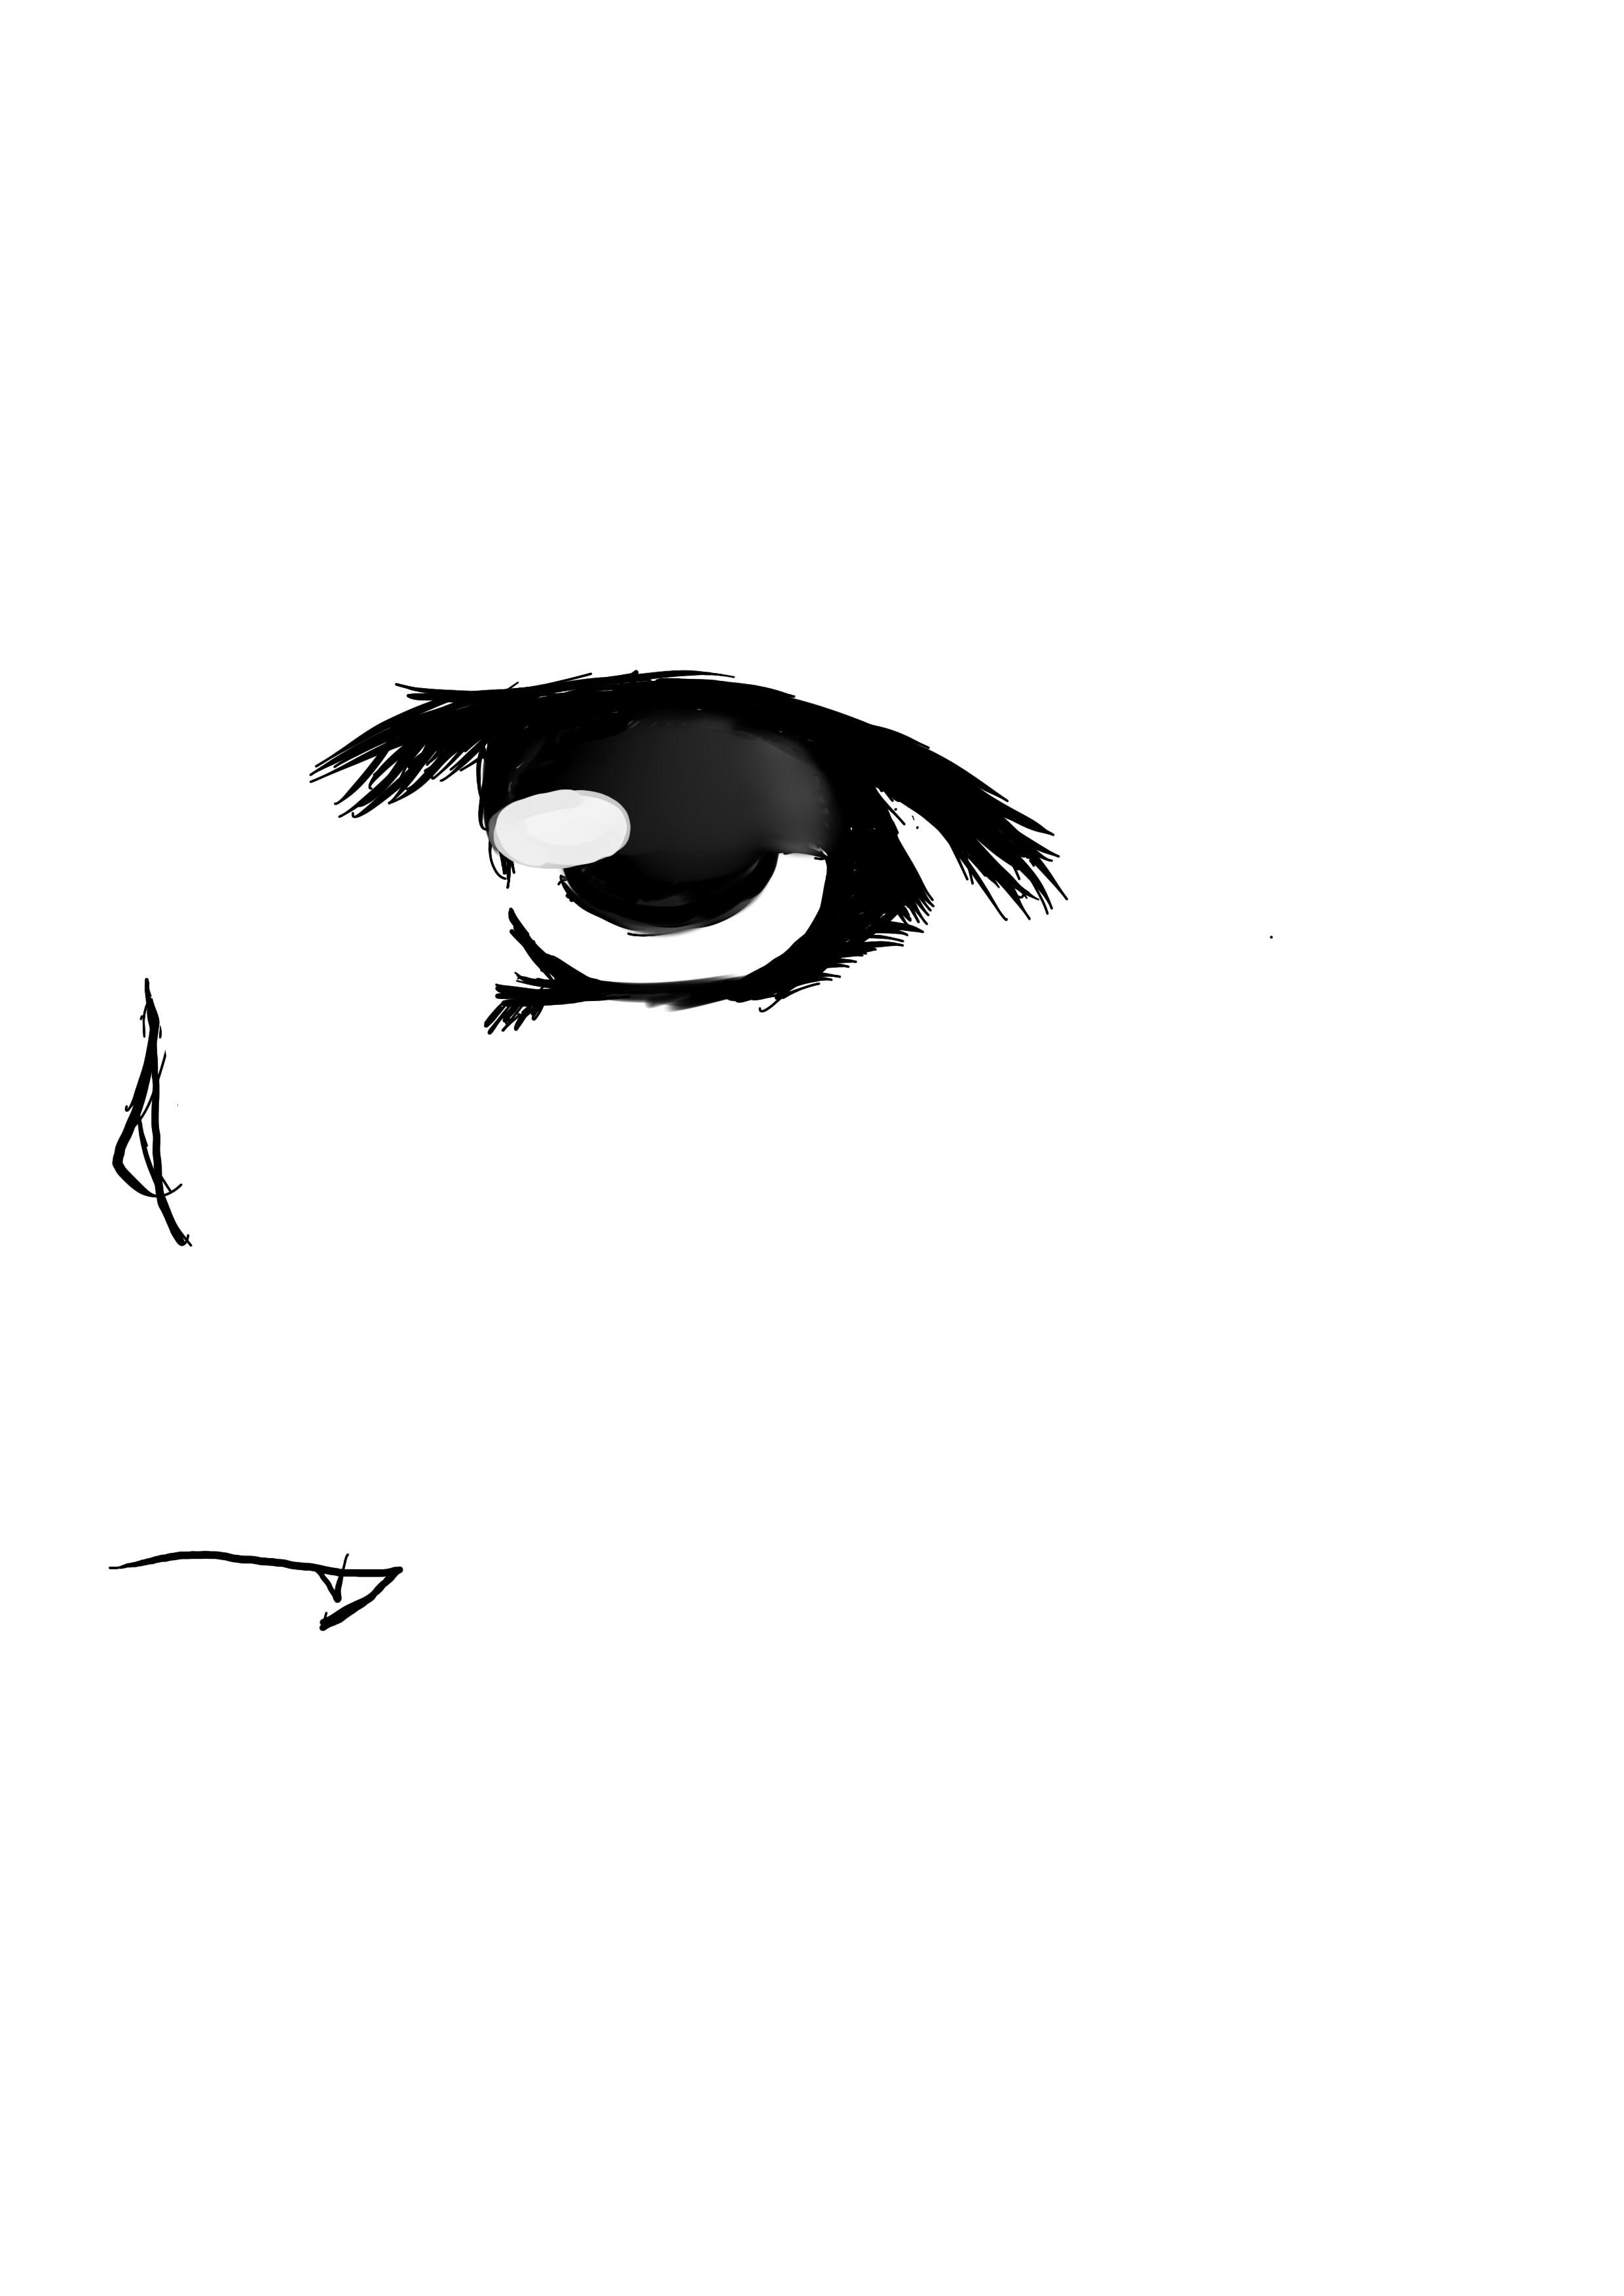 怎么画漫画人物眼睛【图】图片